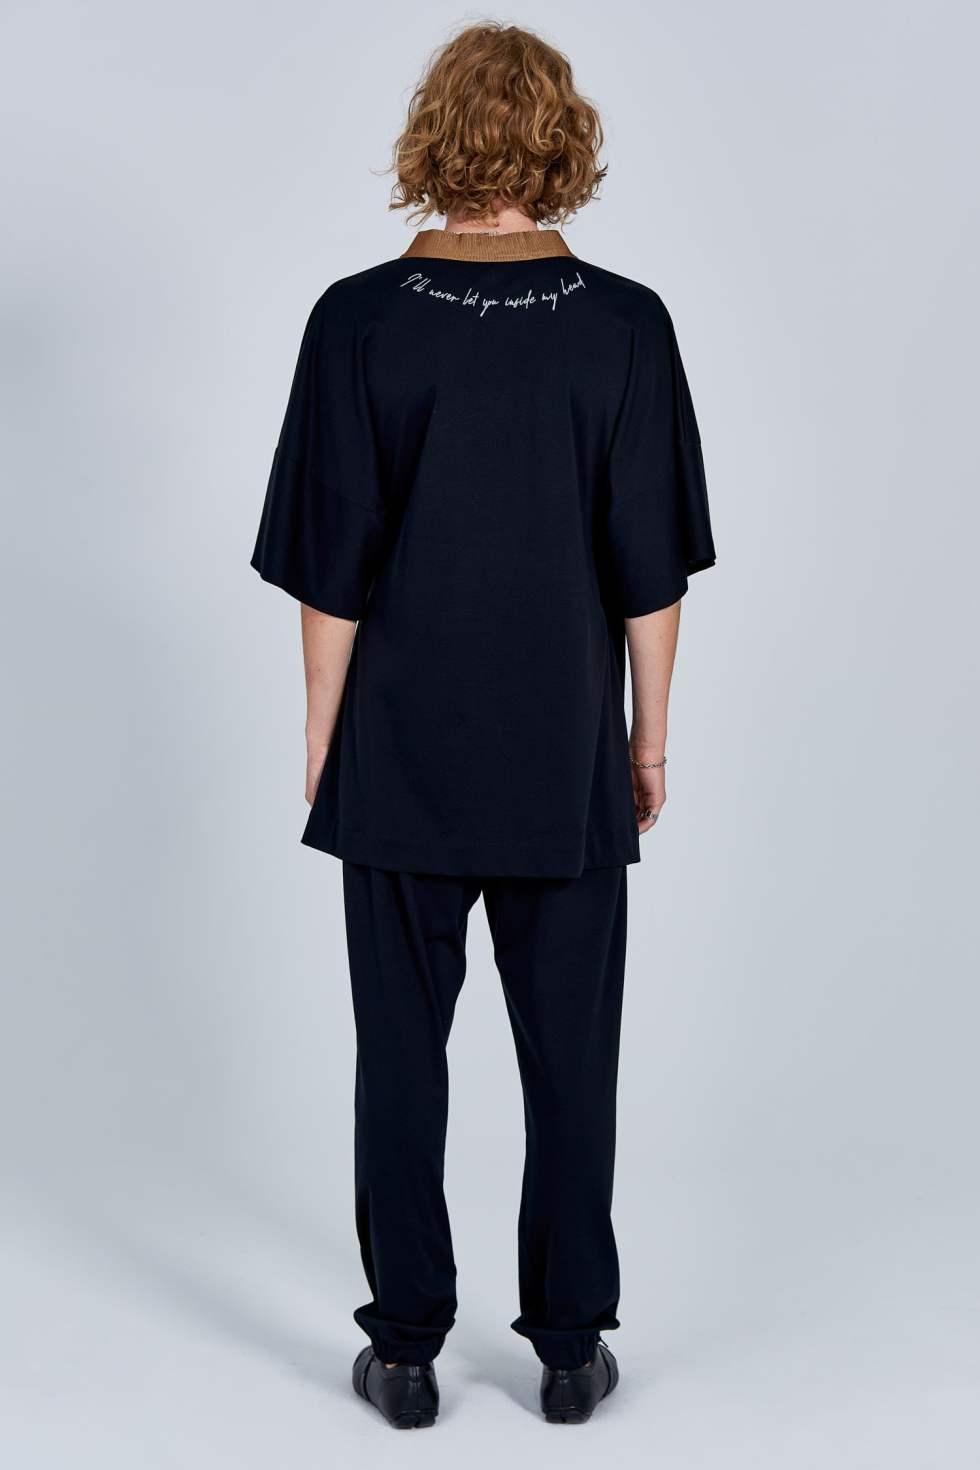 Acephala Fw 2020 21 Black Unisex Kimono With Back Embroidery Back